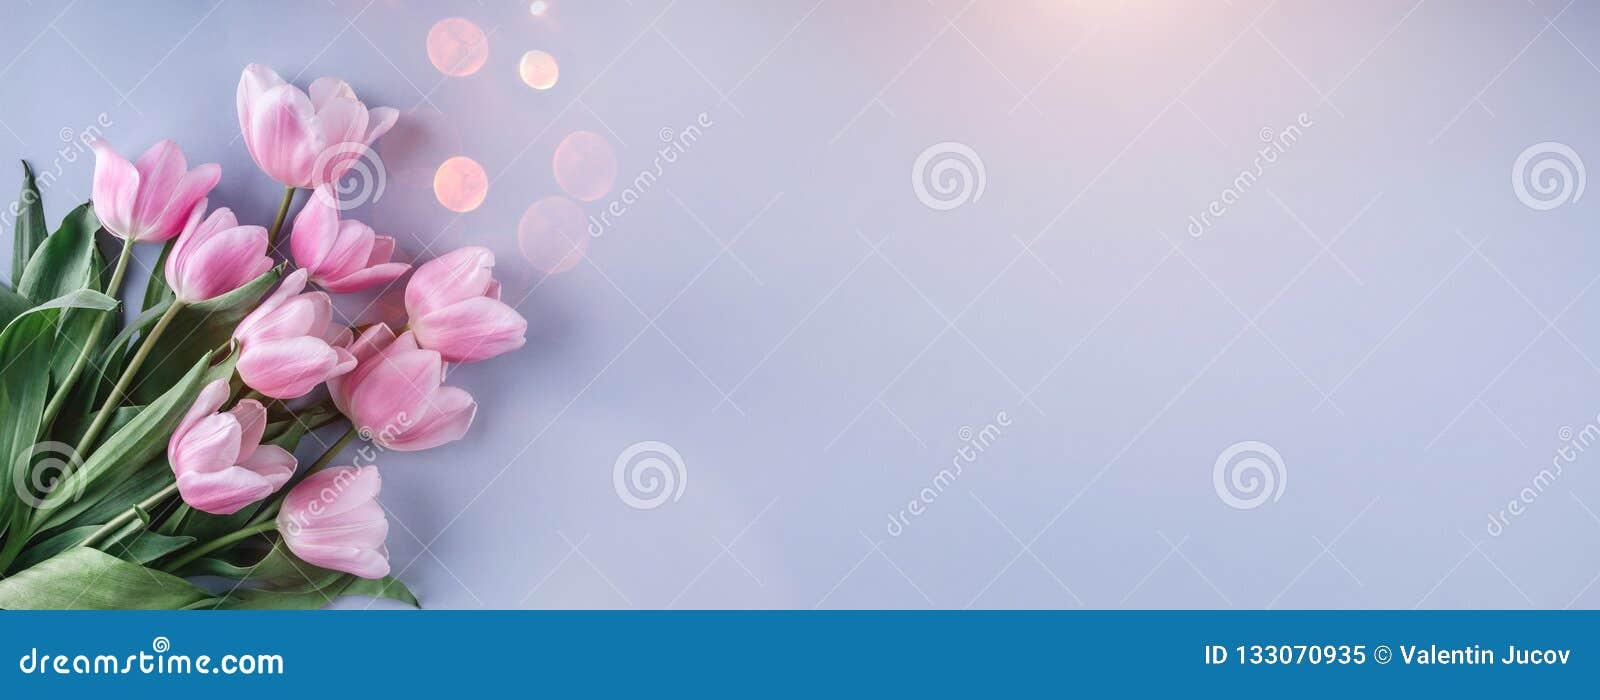 Le bouquet des tulipes roses fleurit au-dessus du fond bleu-clair Carte de voeux ou invitation de mariage